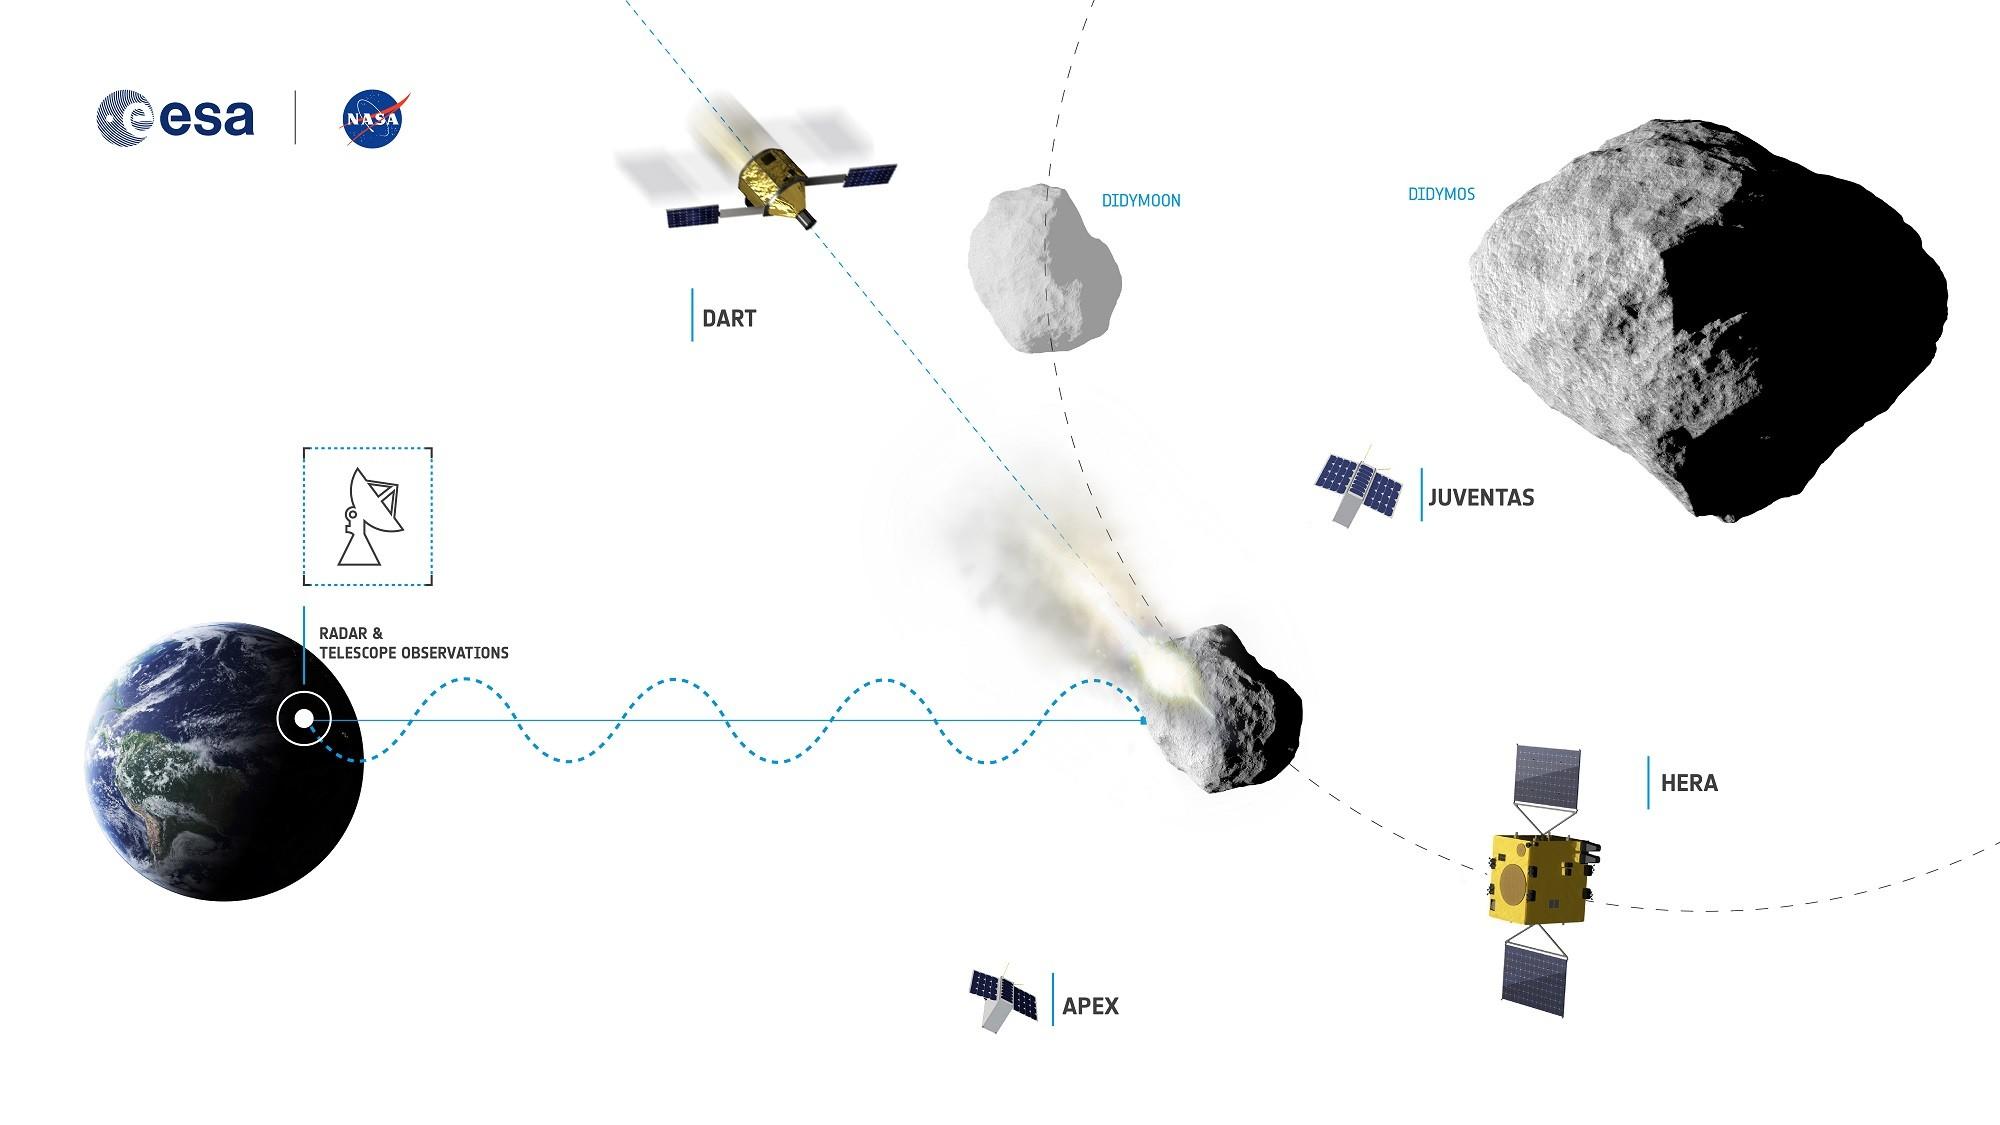 Proyecto AIDA para desviar asteroides